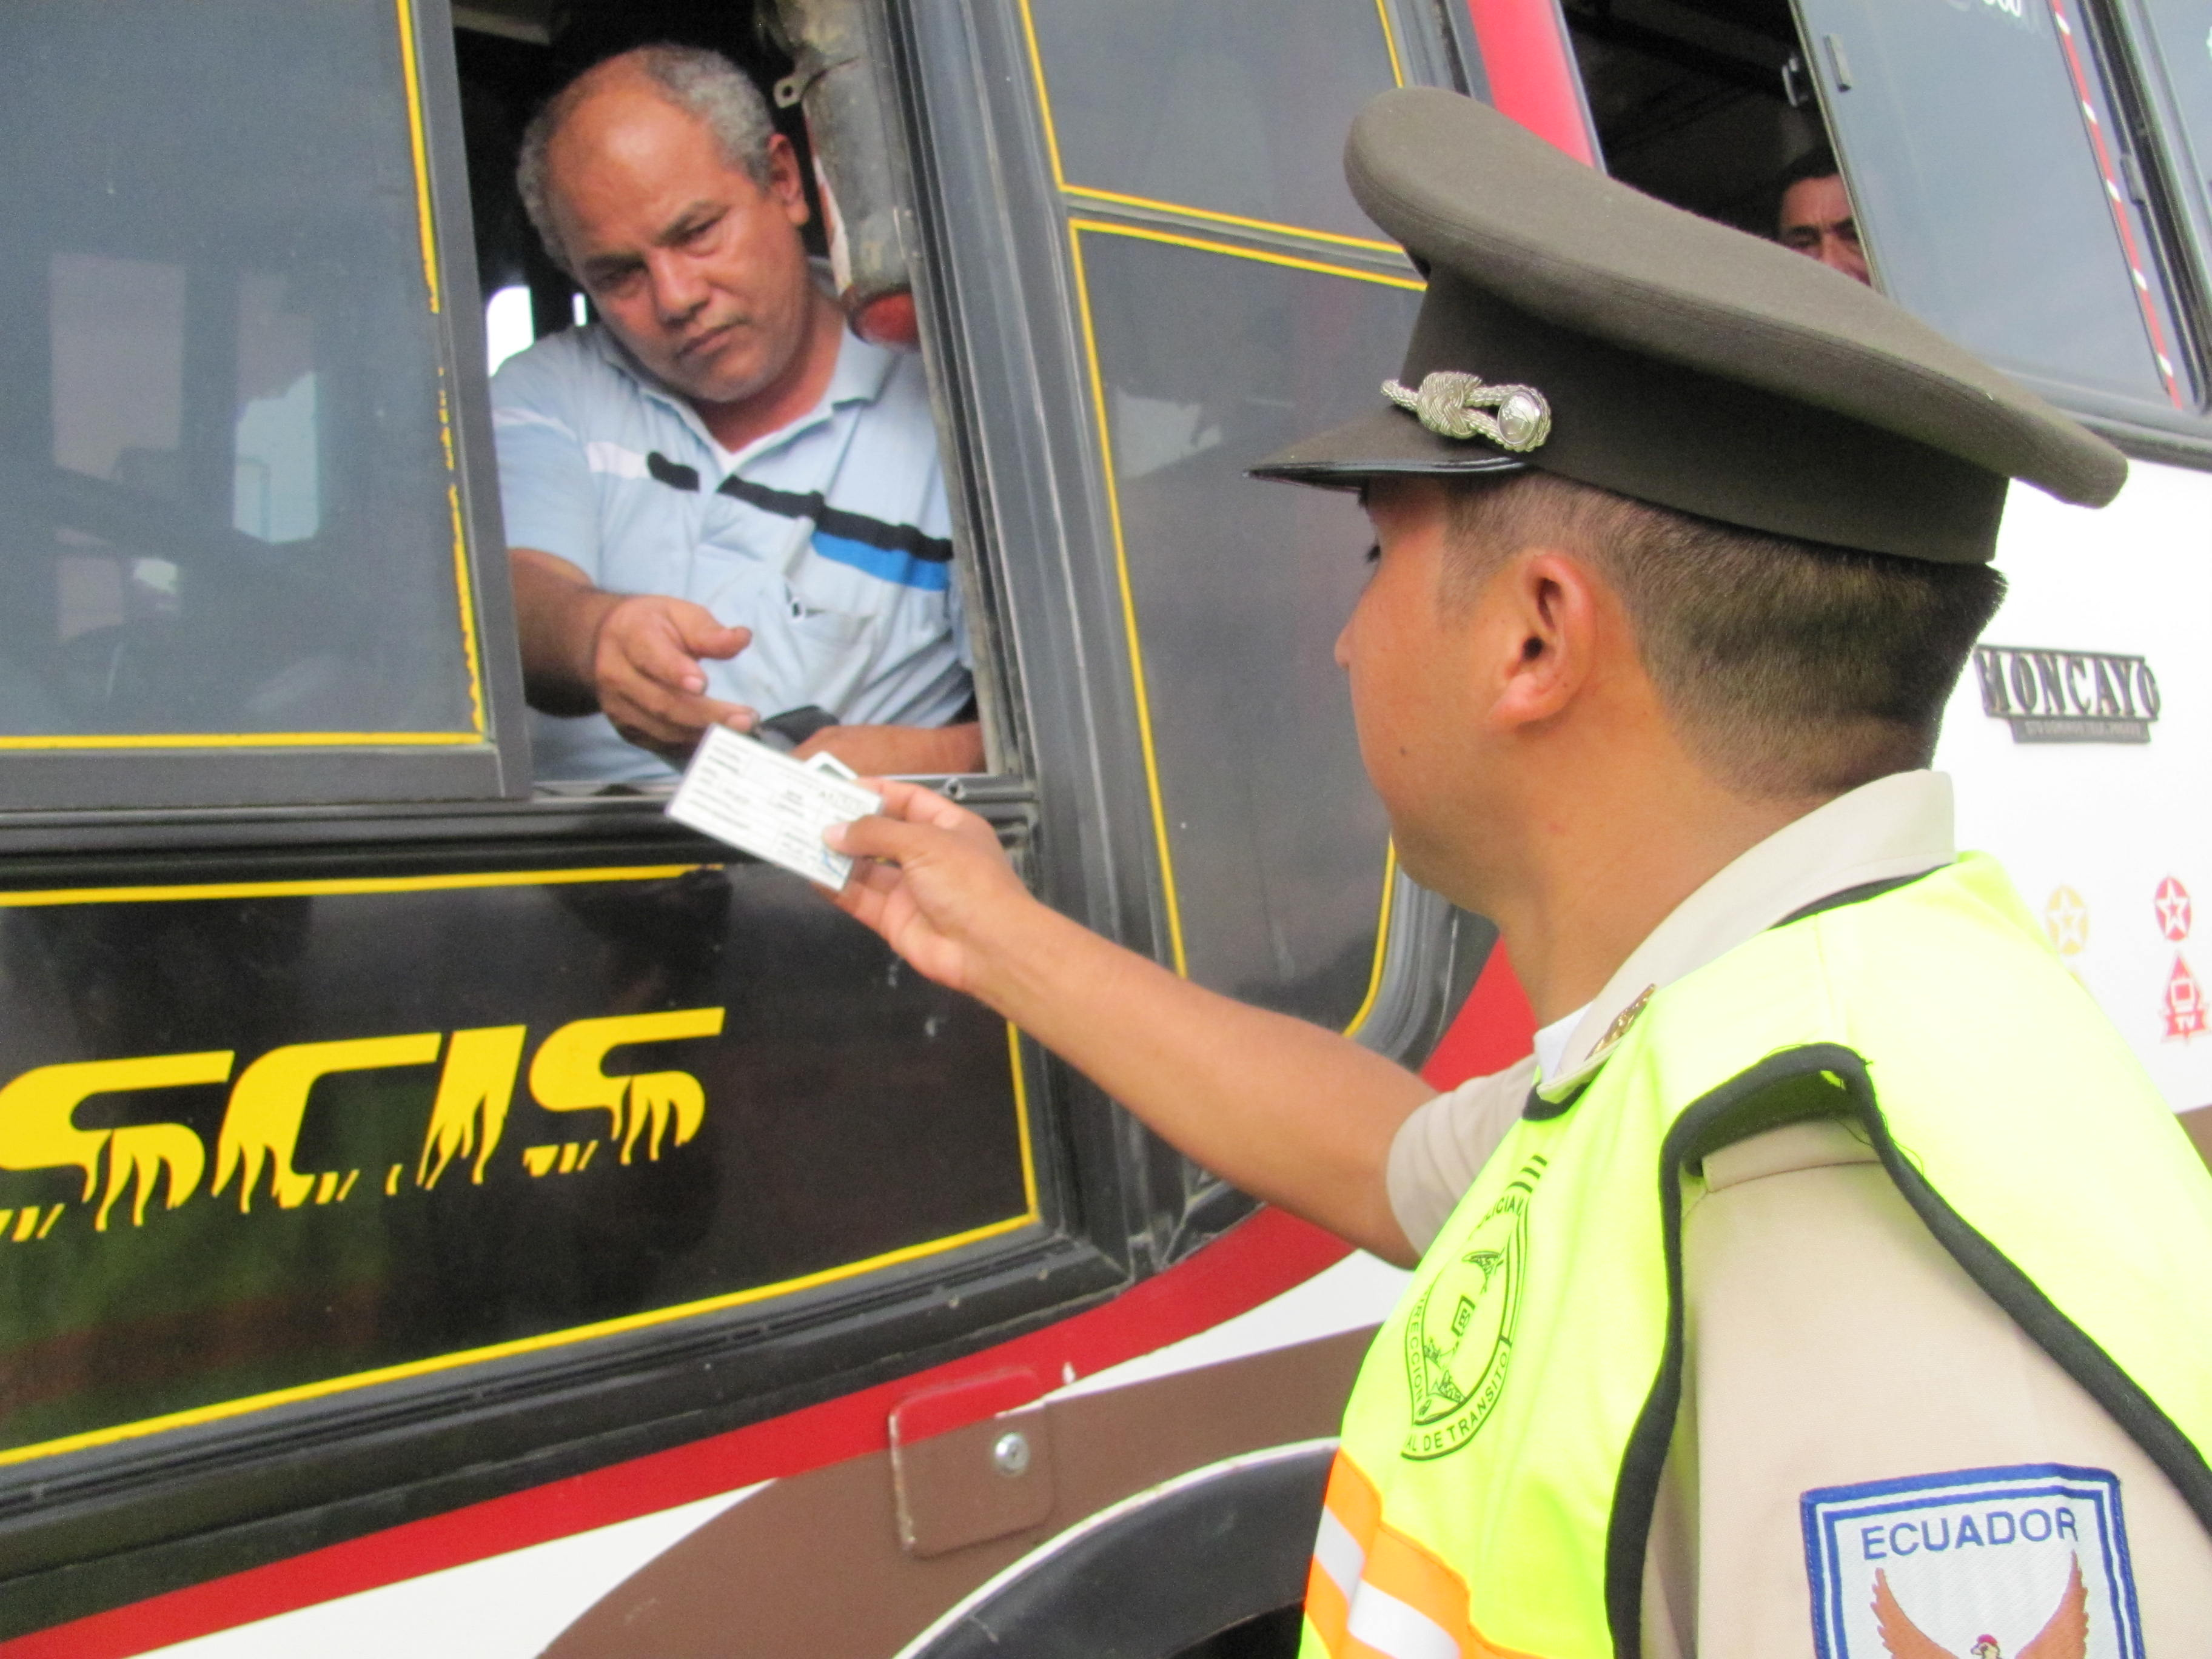 Pocos buses para elevada demanda de pasajeros